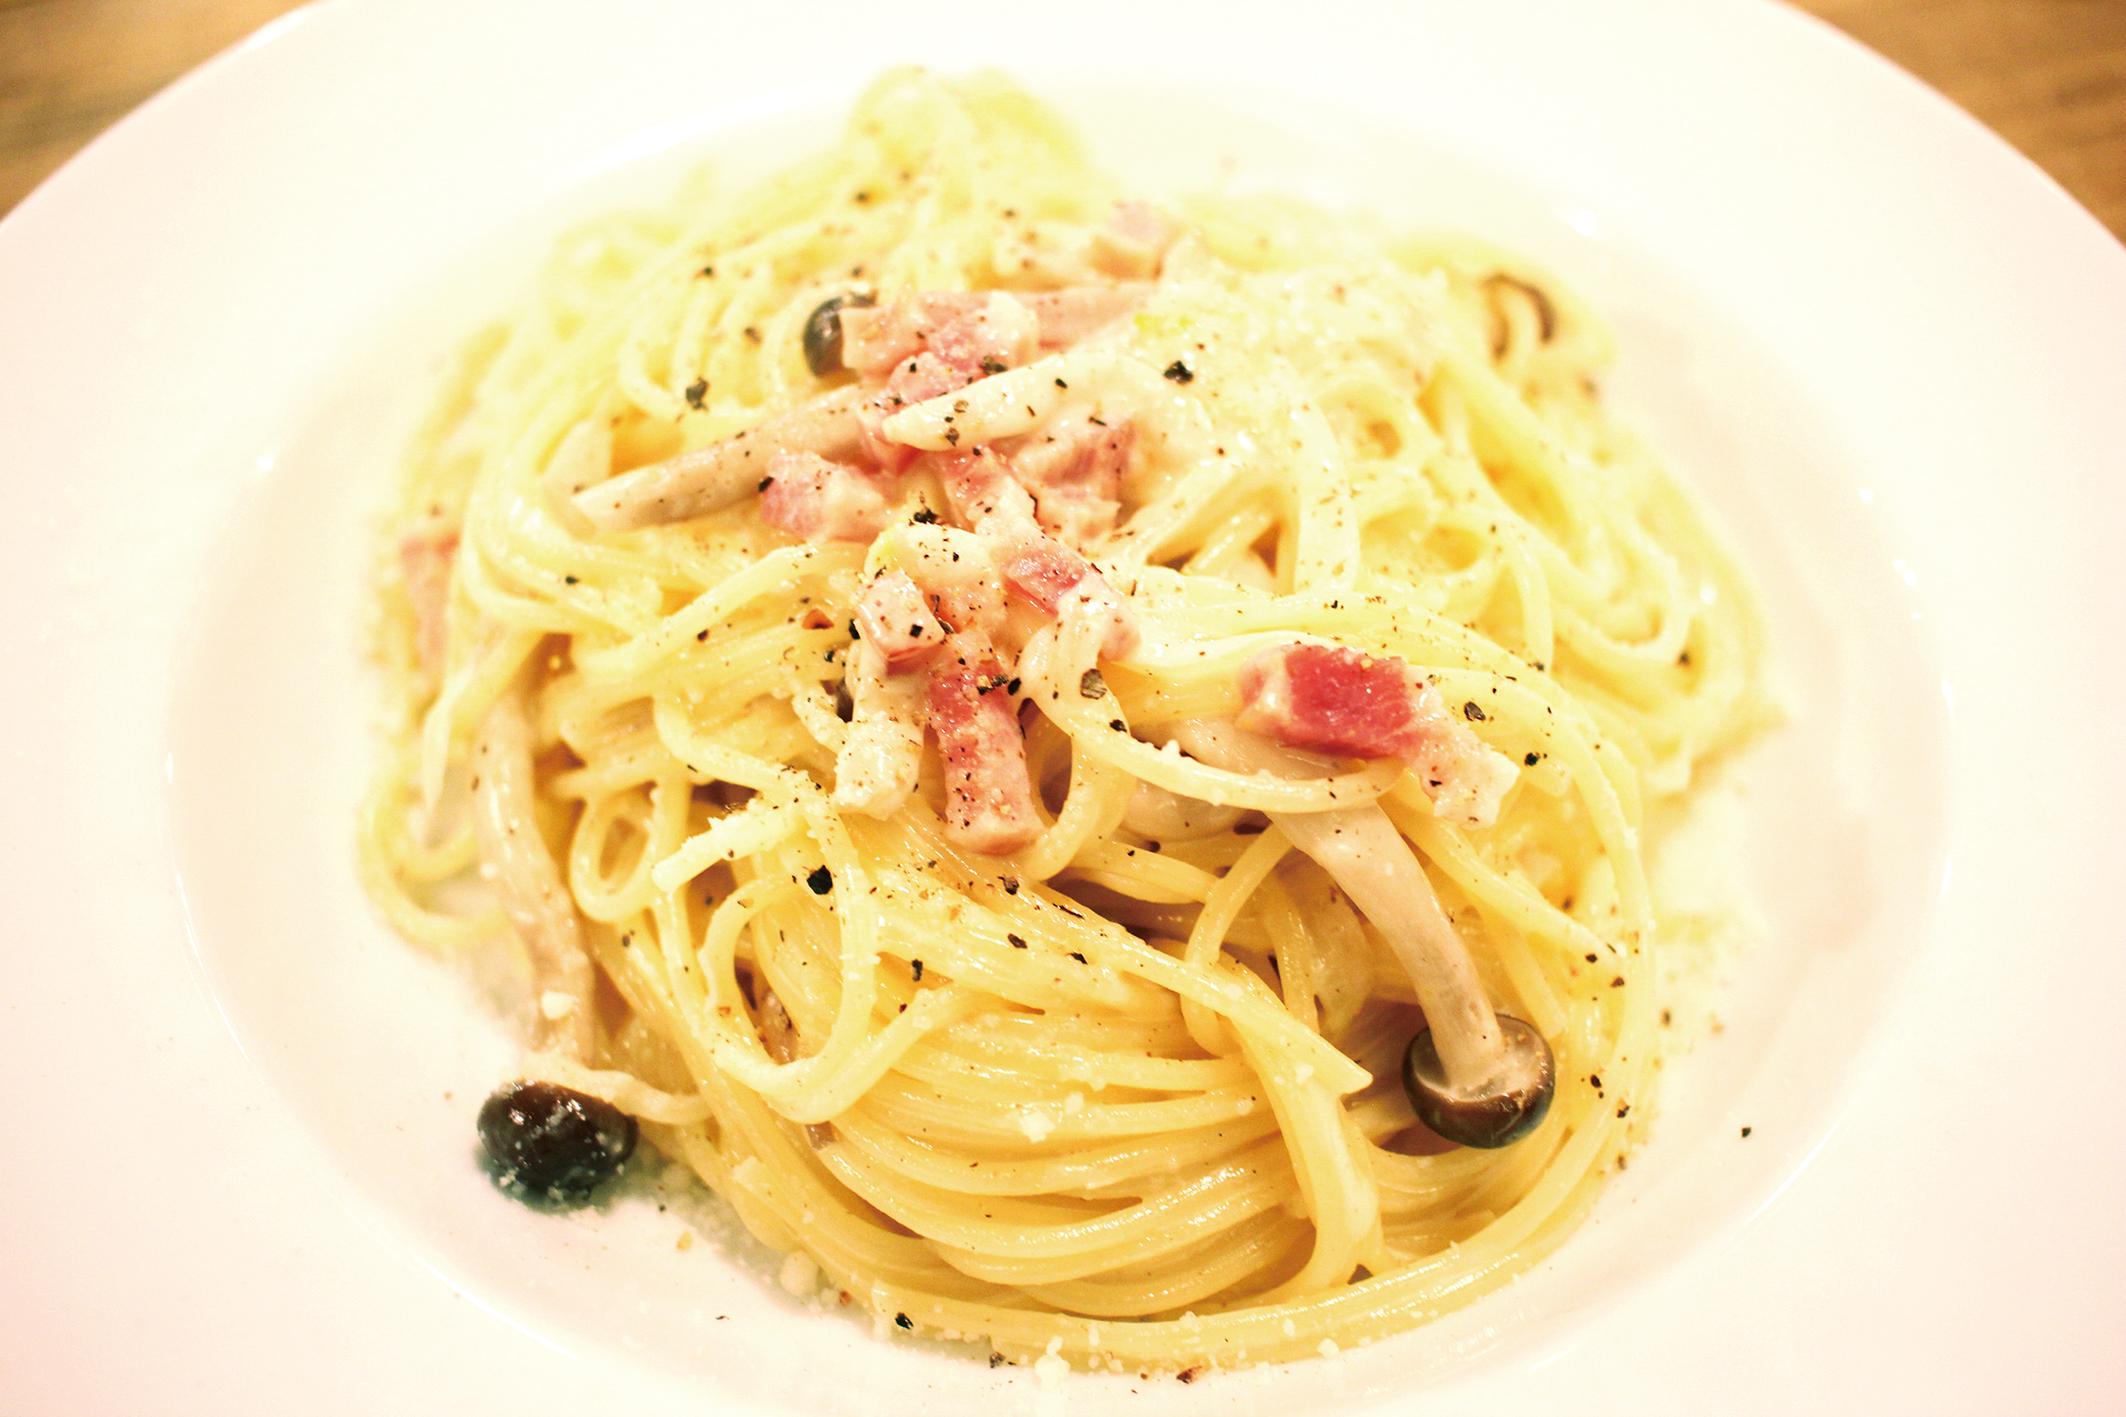 イタリアン クリームソースパスタ